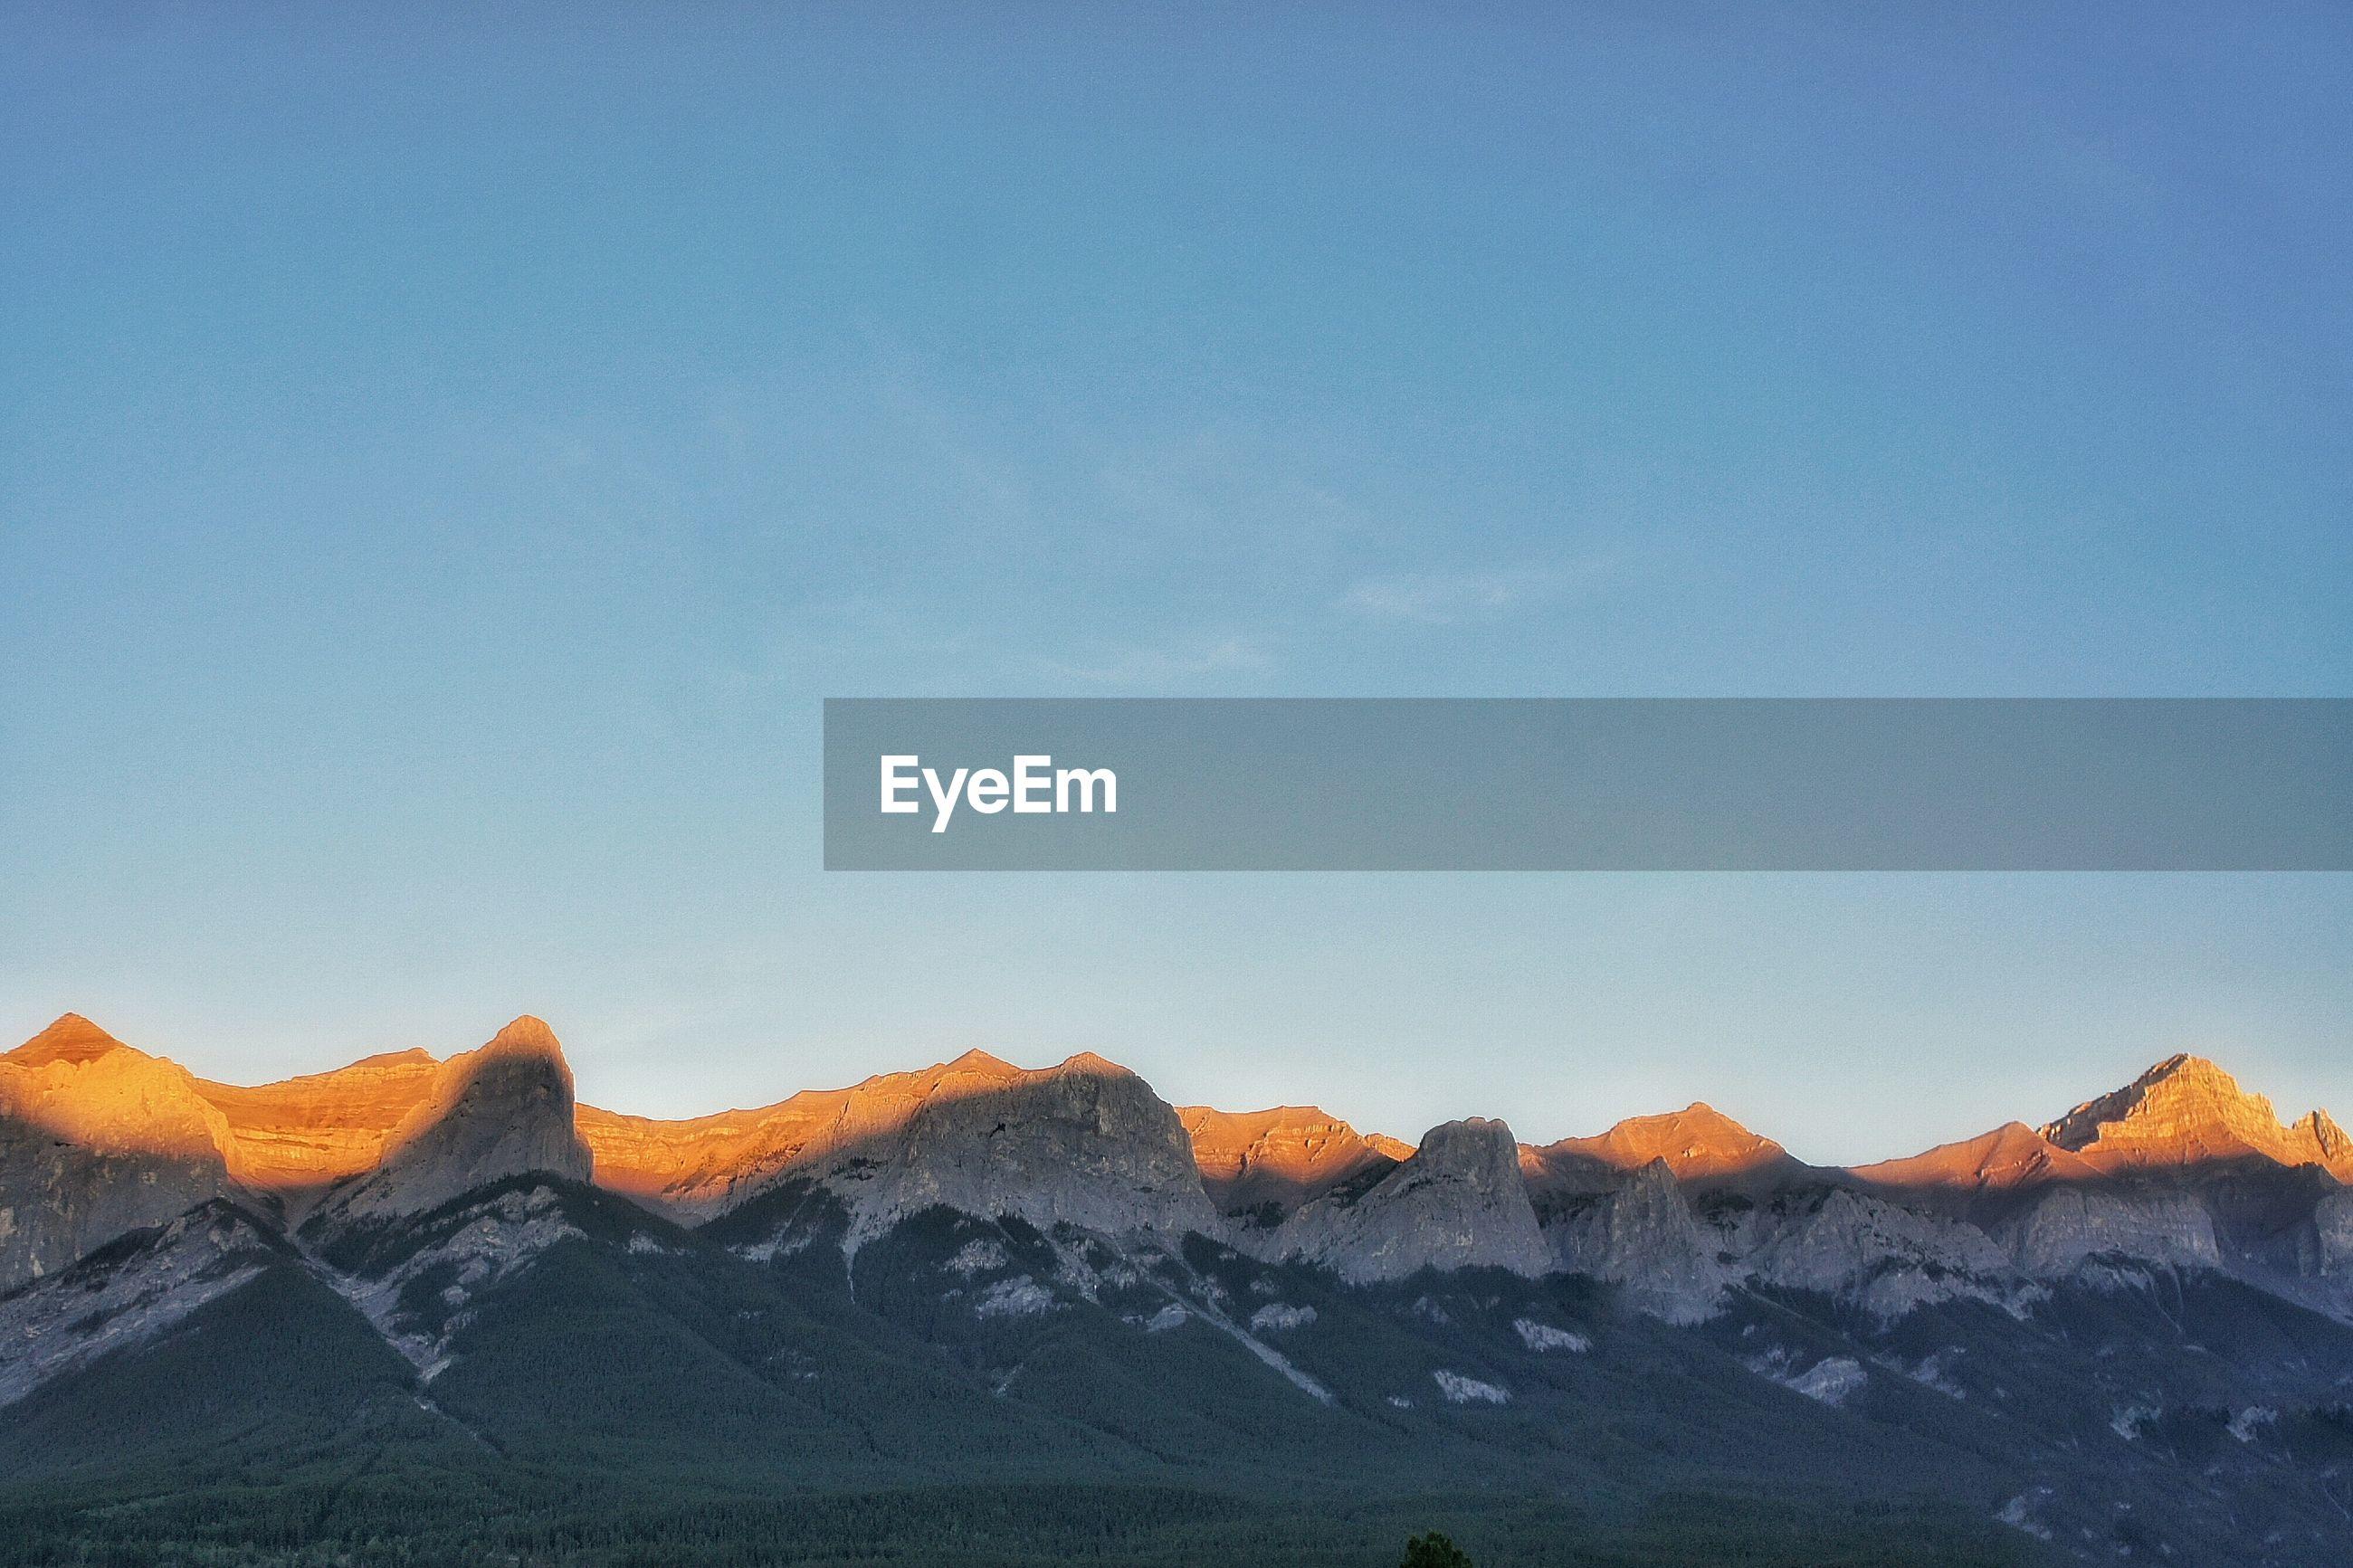 MOUNTAIN AGAINST CLEAR BLUE SKY